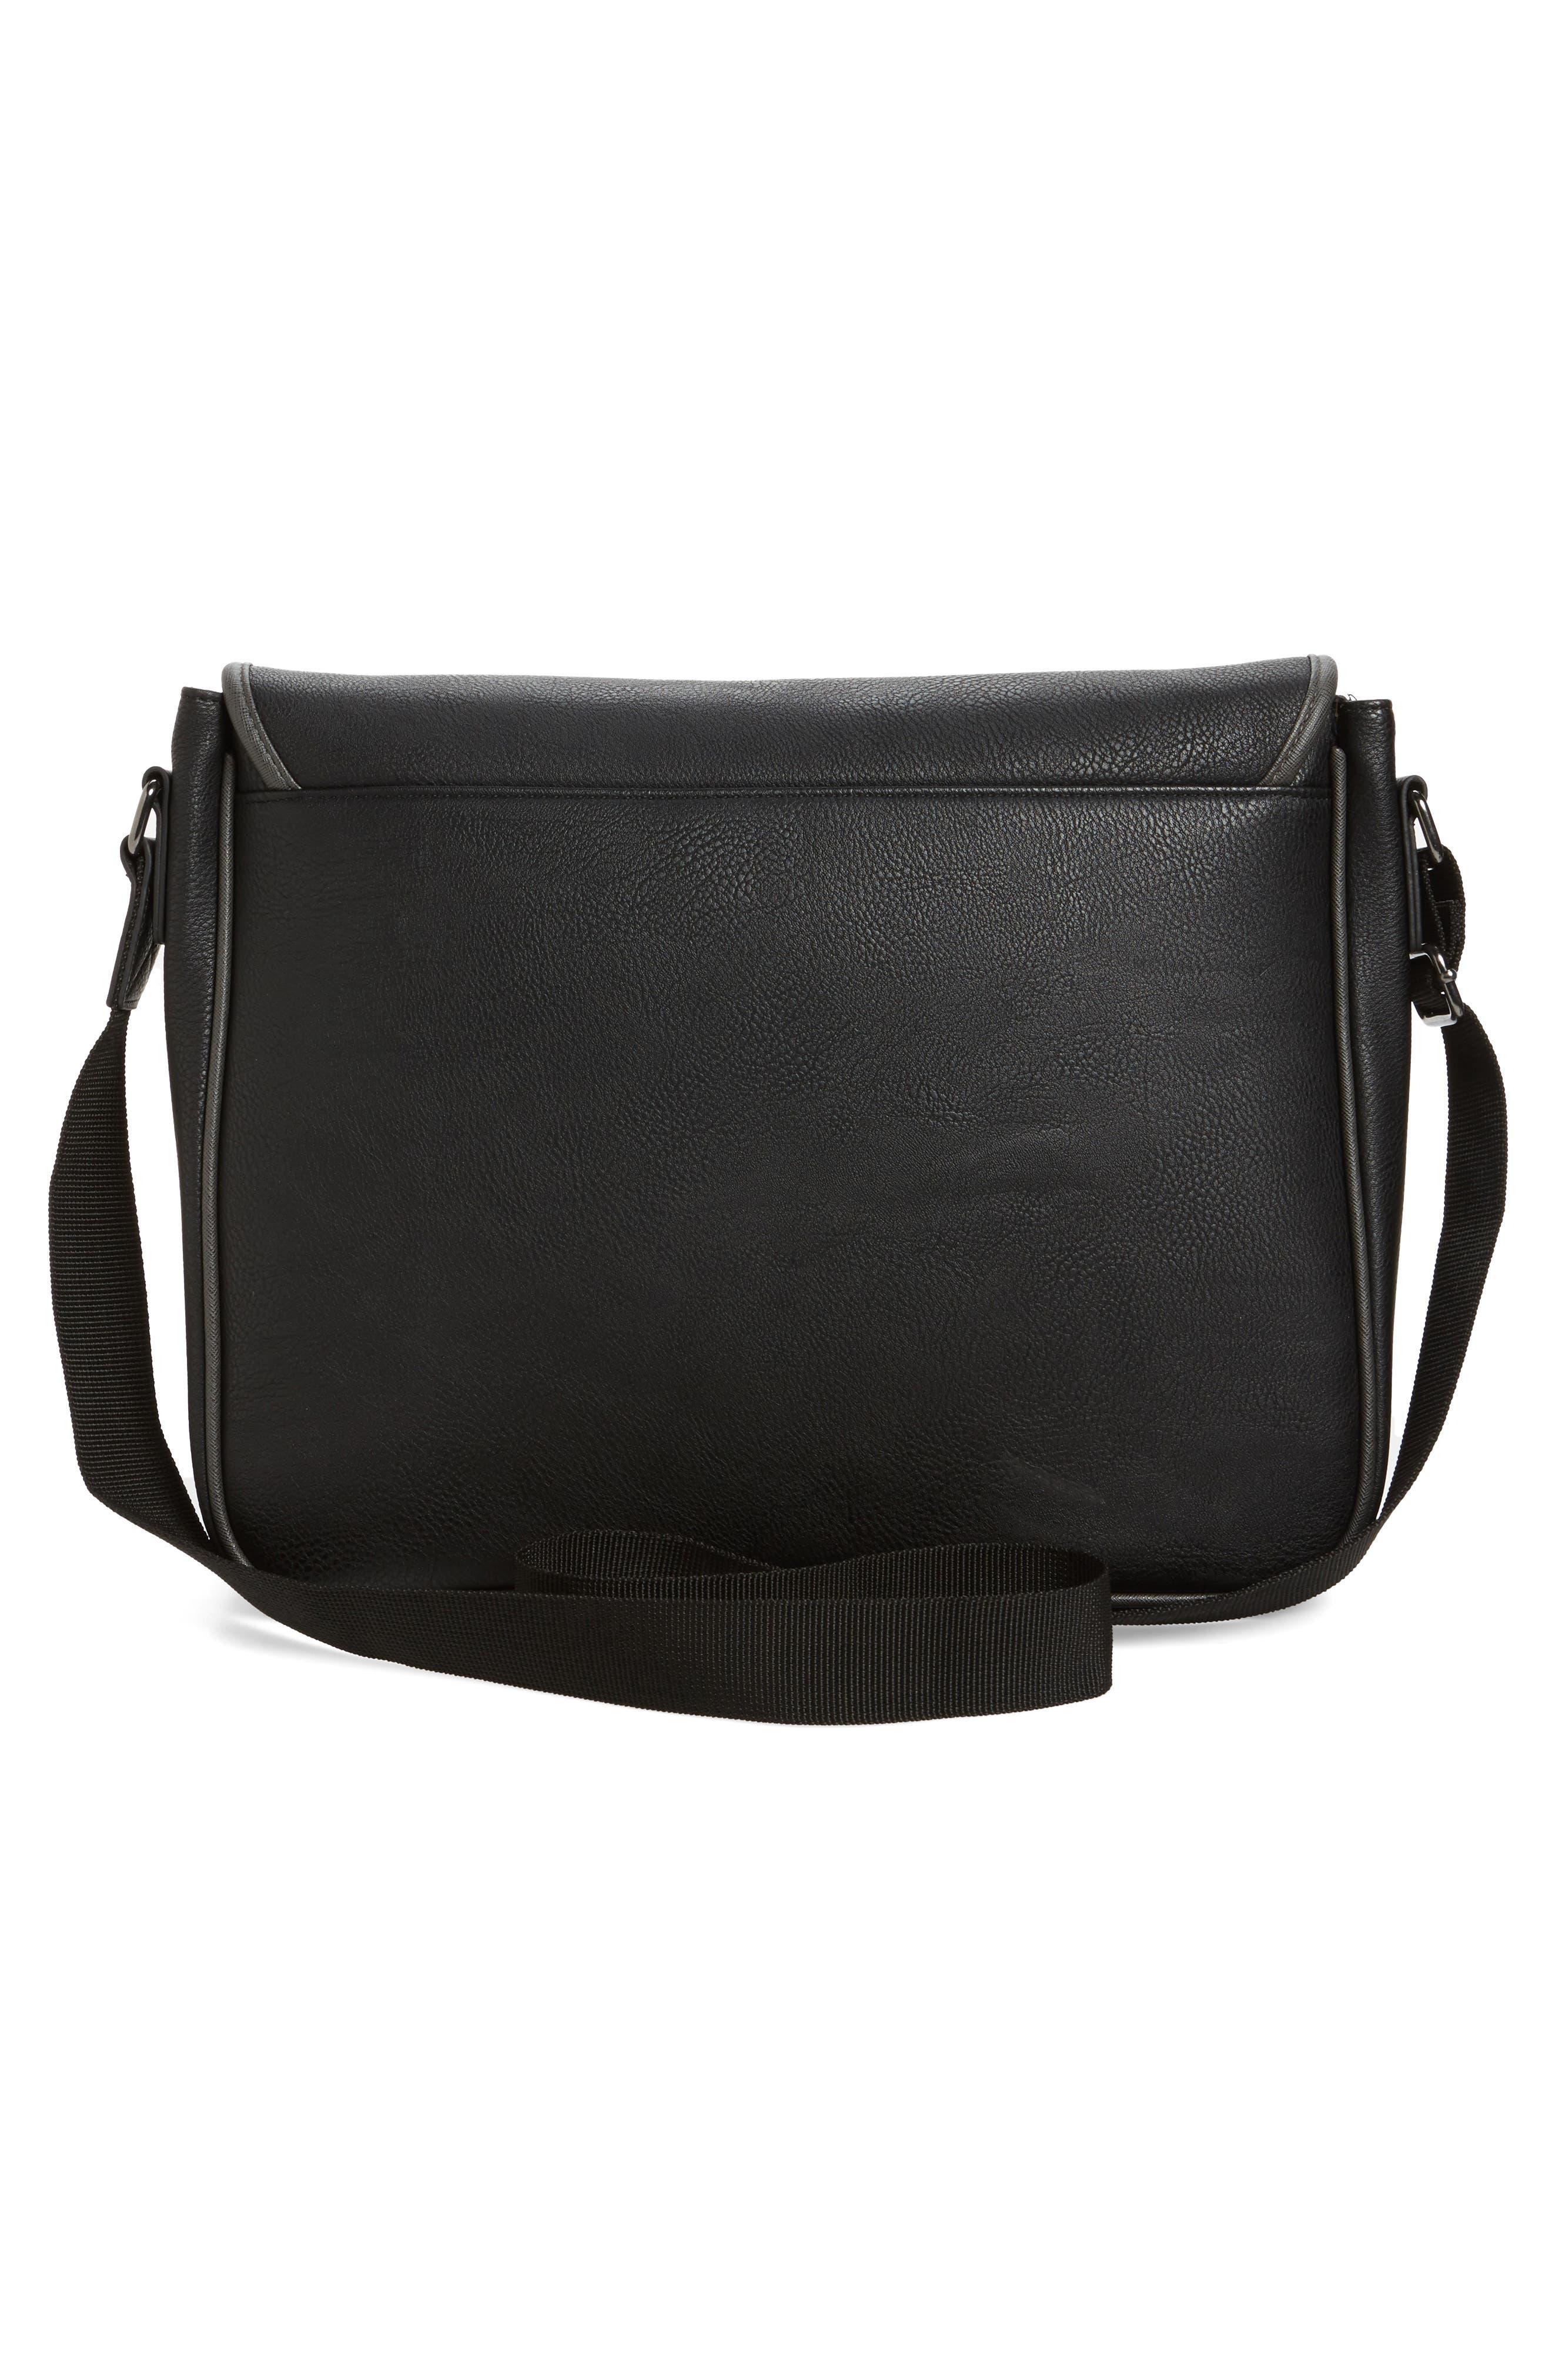 Buzard Messenger Bag,                             Alternate thumbnail 3, color,                             001